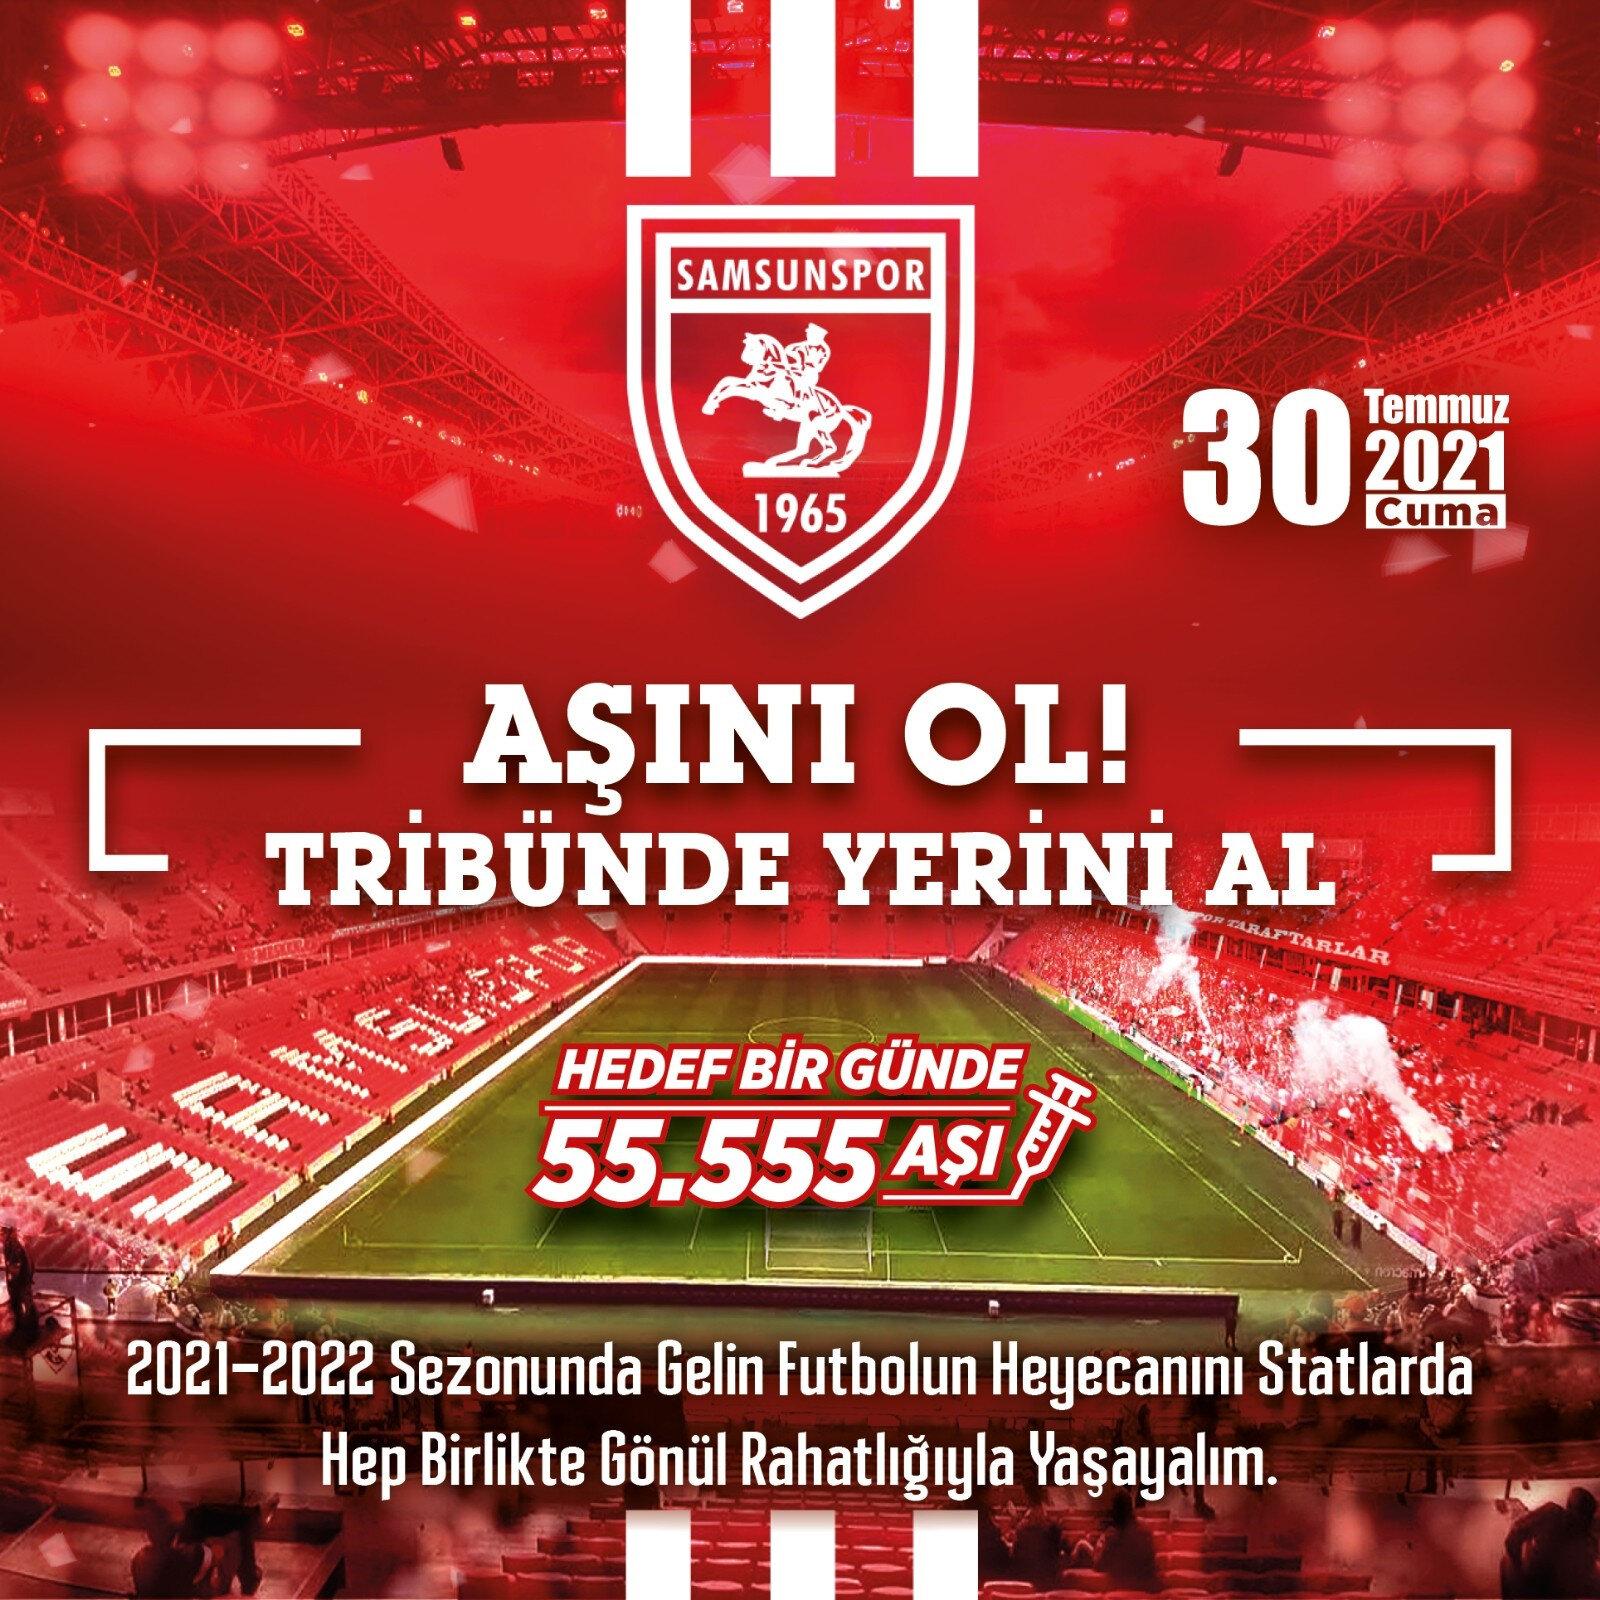 Kampanya kapsamanda 20 adet Samsunspor forması hediye edilecek.